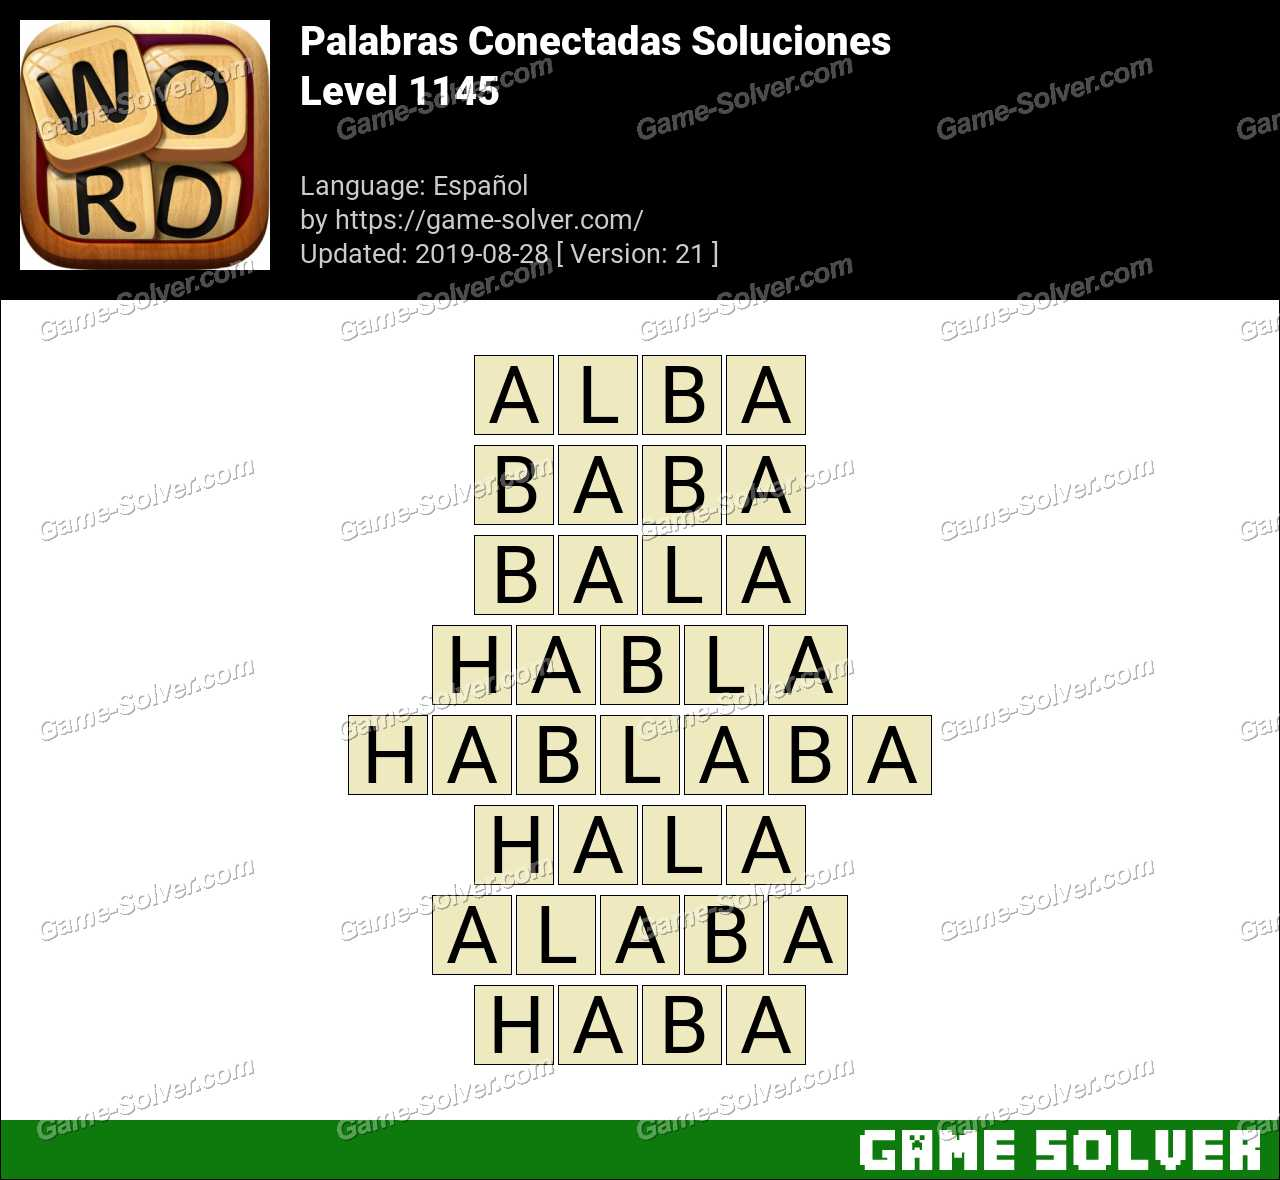 Palabras Conectadas Nivel 1145 Soluciones